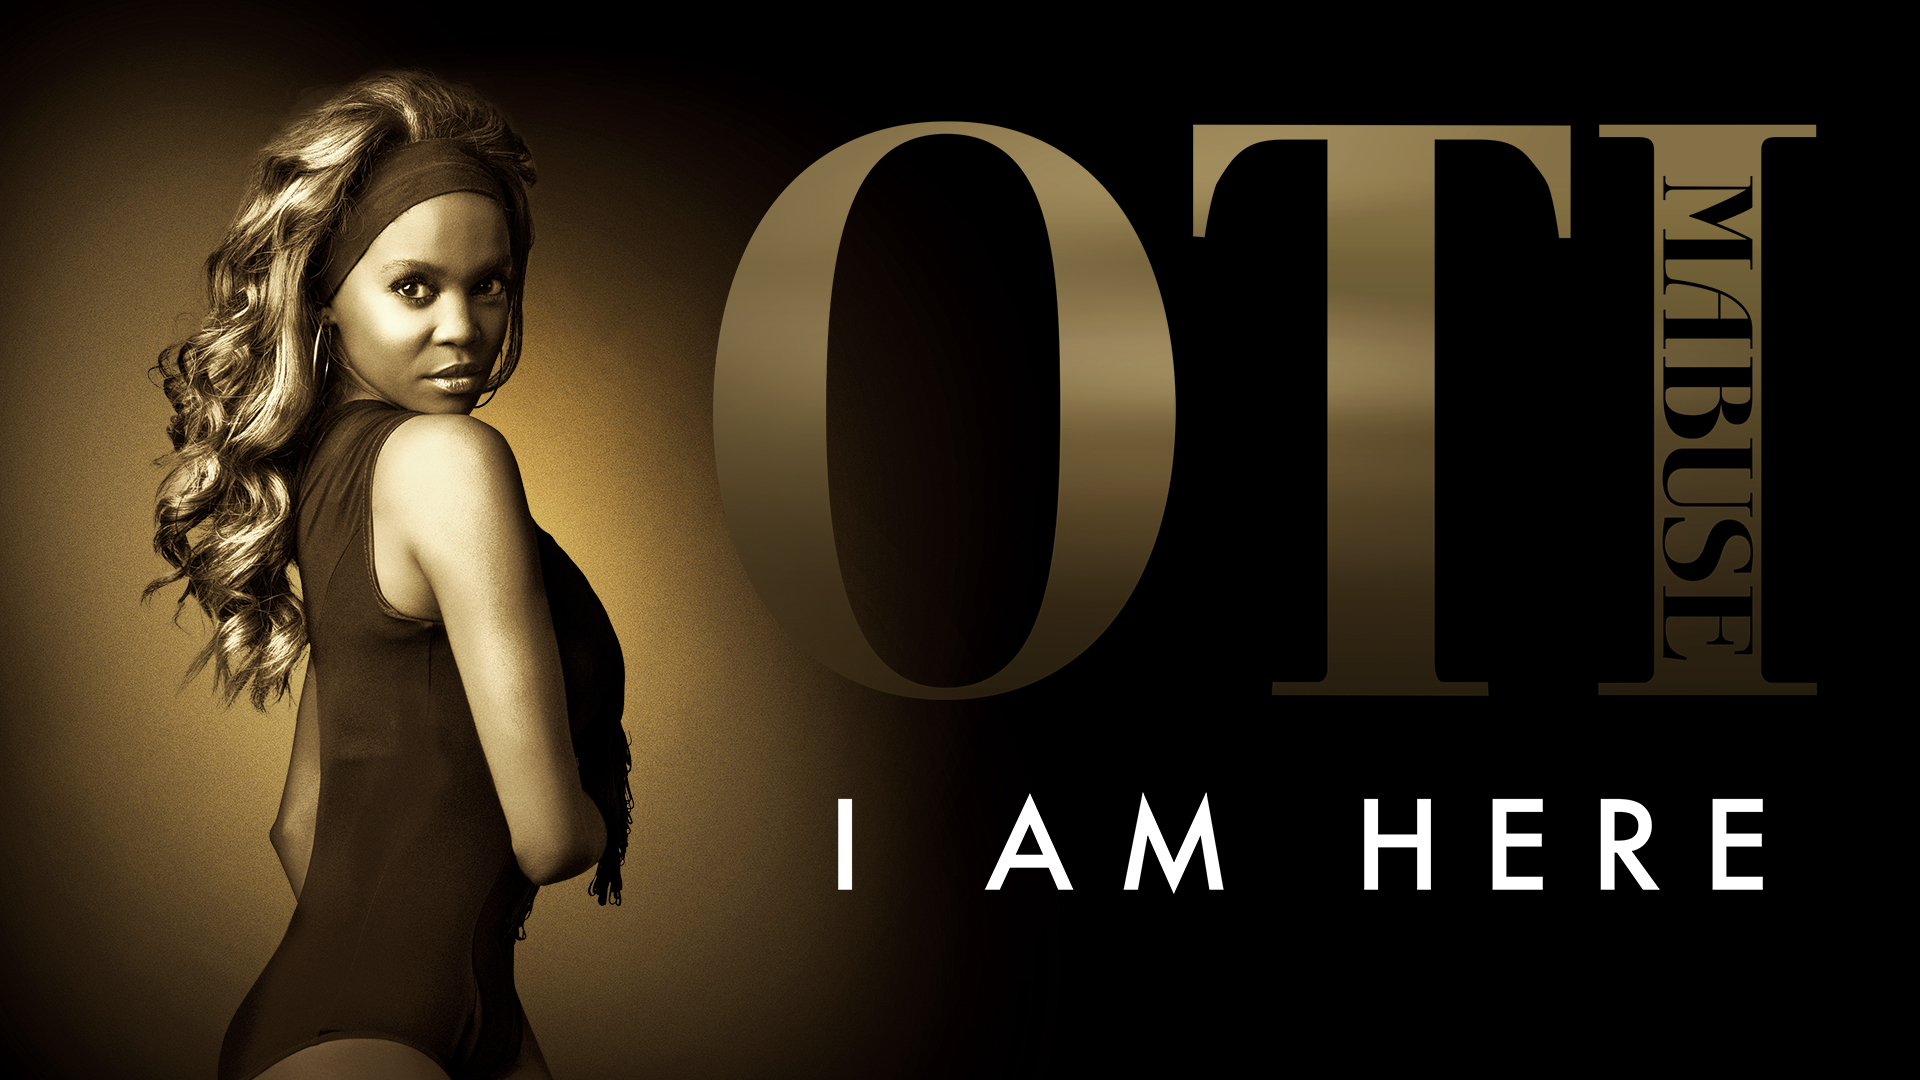 Oti Mabuse - I Am Here